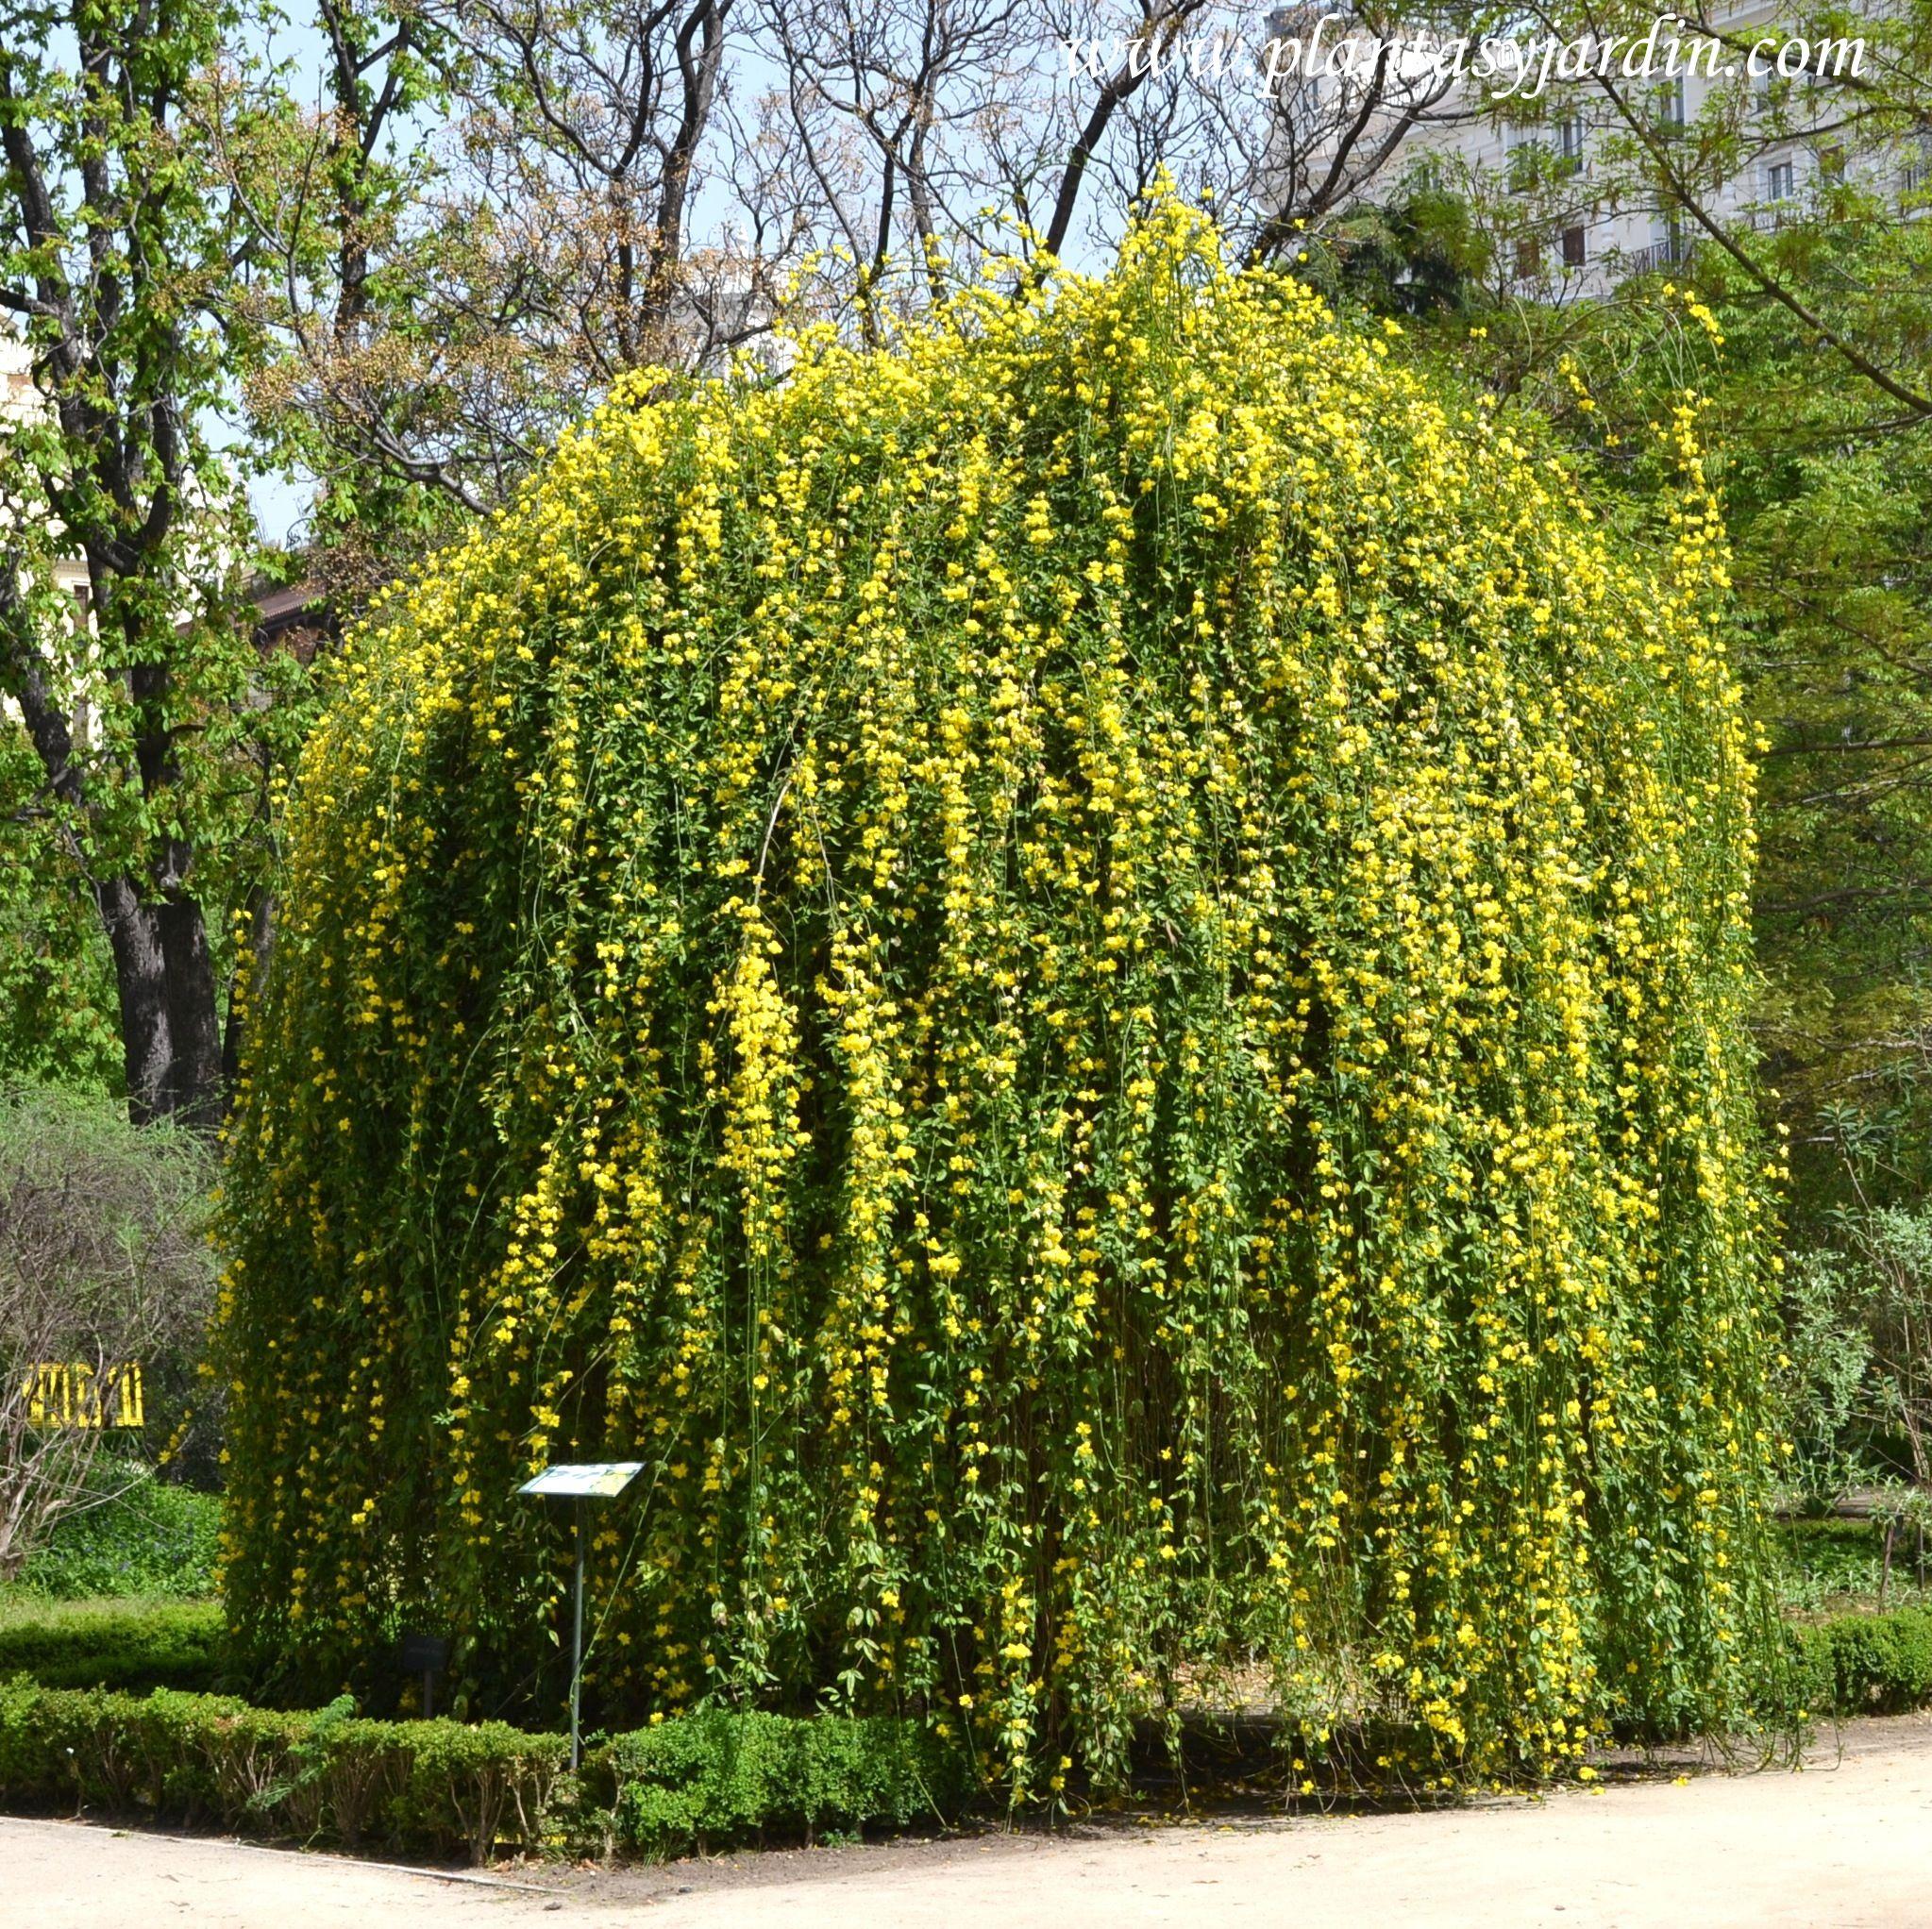 40+ Plantas arbustos exterior ideas in 2021